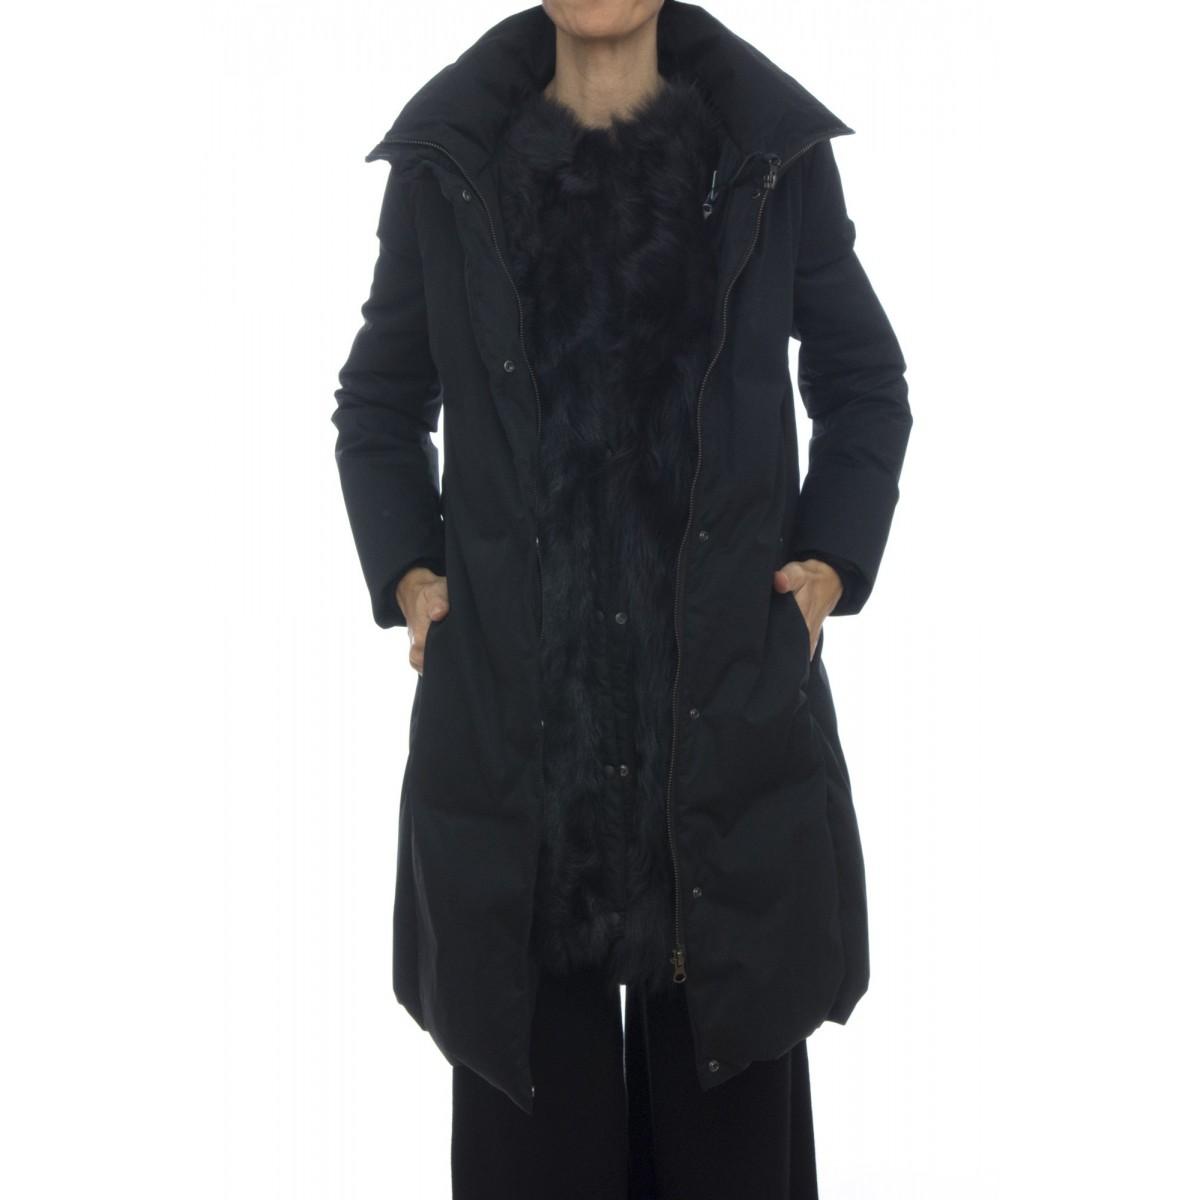 Piumino - Ww cps2533 lm10 ws coccon coat